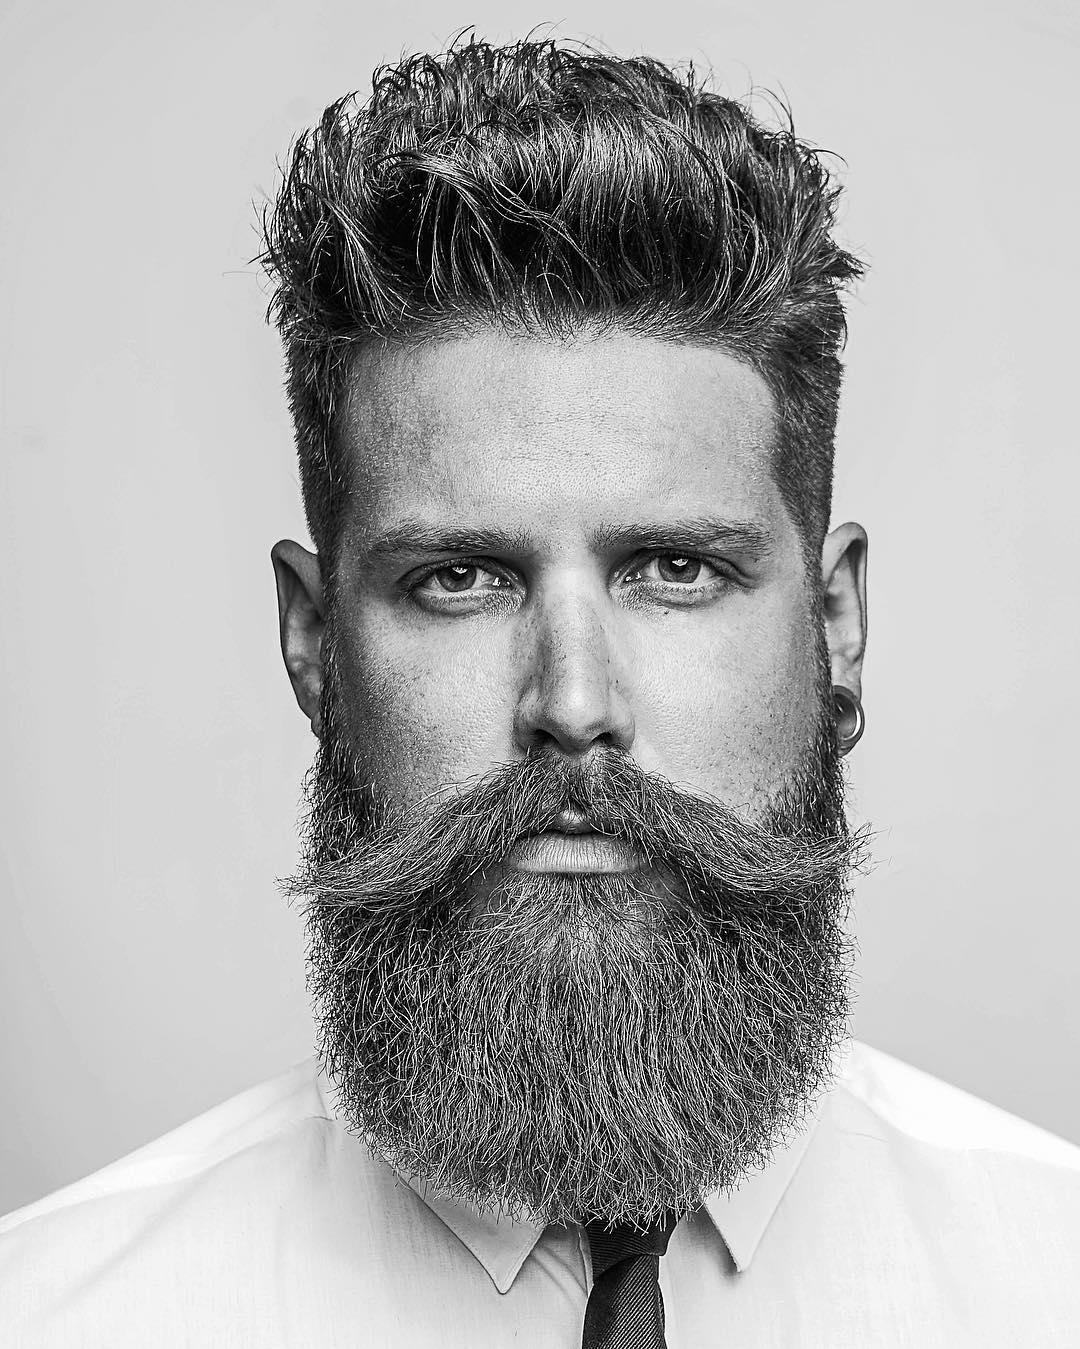 Classic Quiff + Full Beard